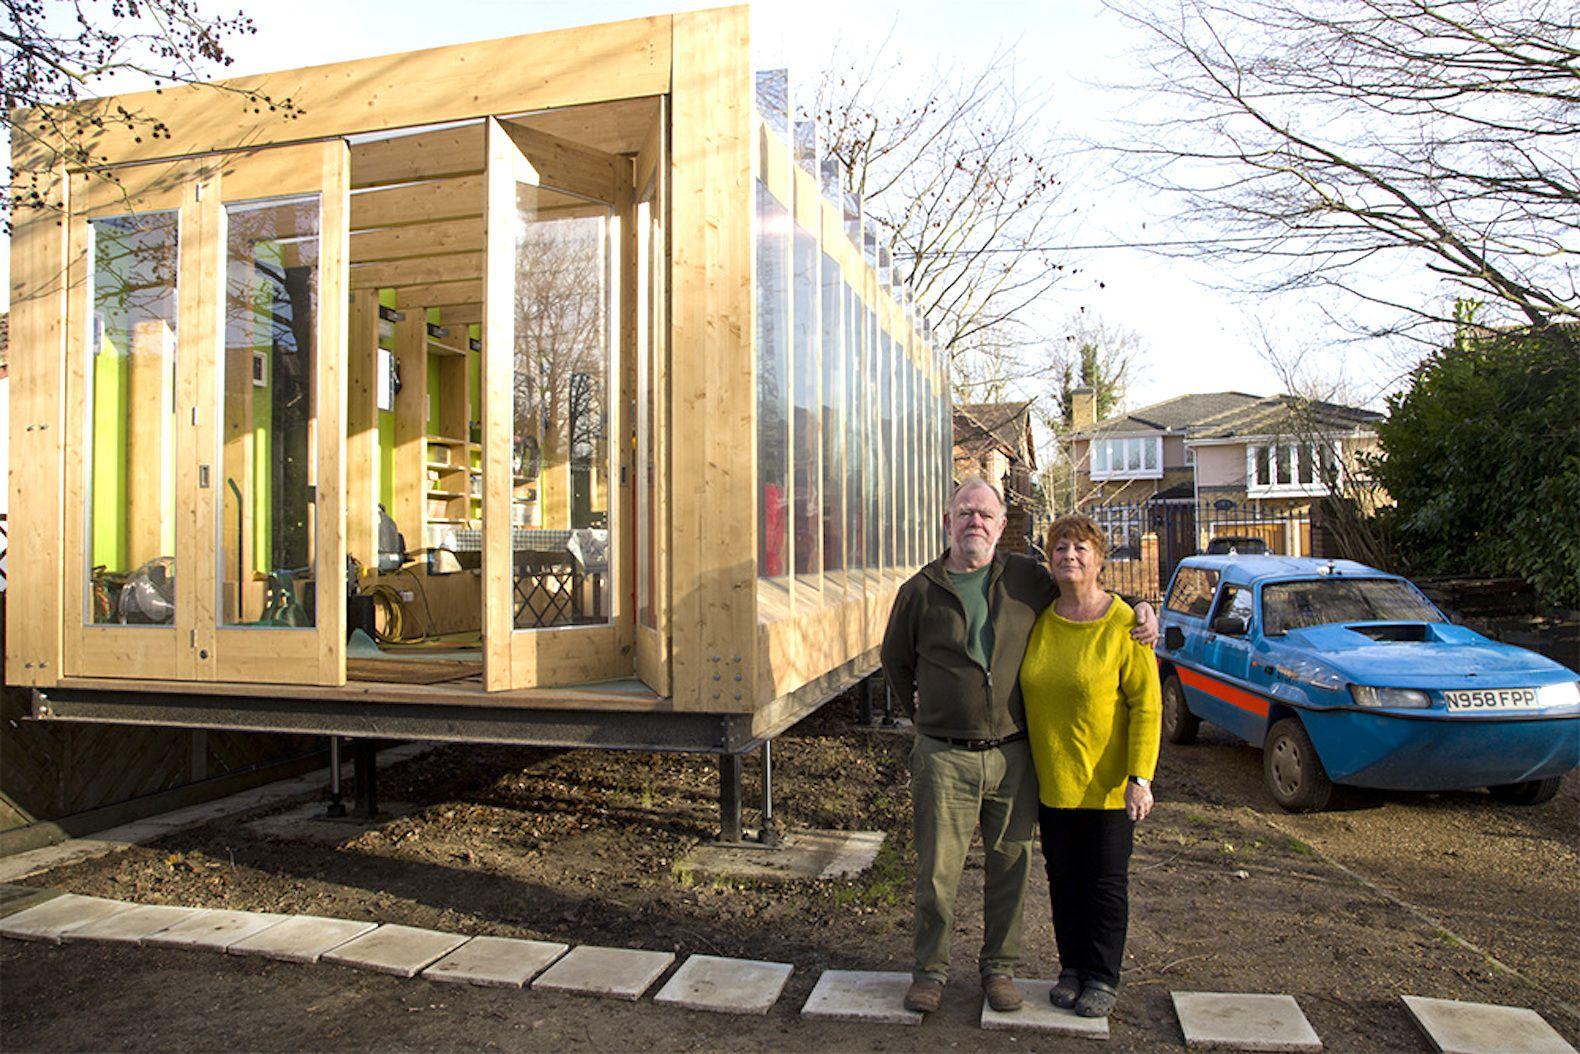 Thế giới chống lũ lụt hiệu quả với 6 mô hình nhà được các kiến trúc sư dày công nghiên cứu - Ảnh 7.